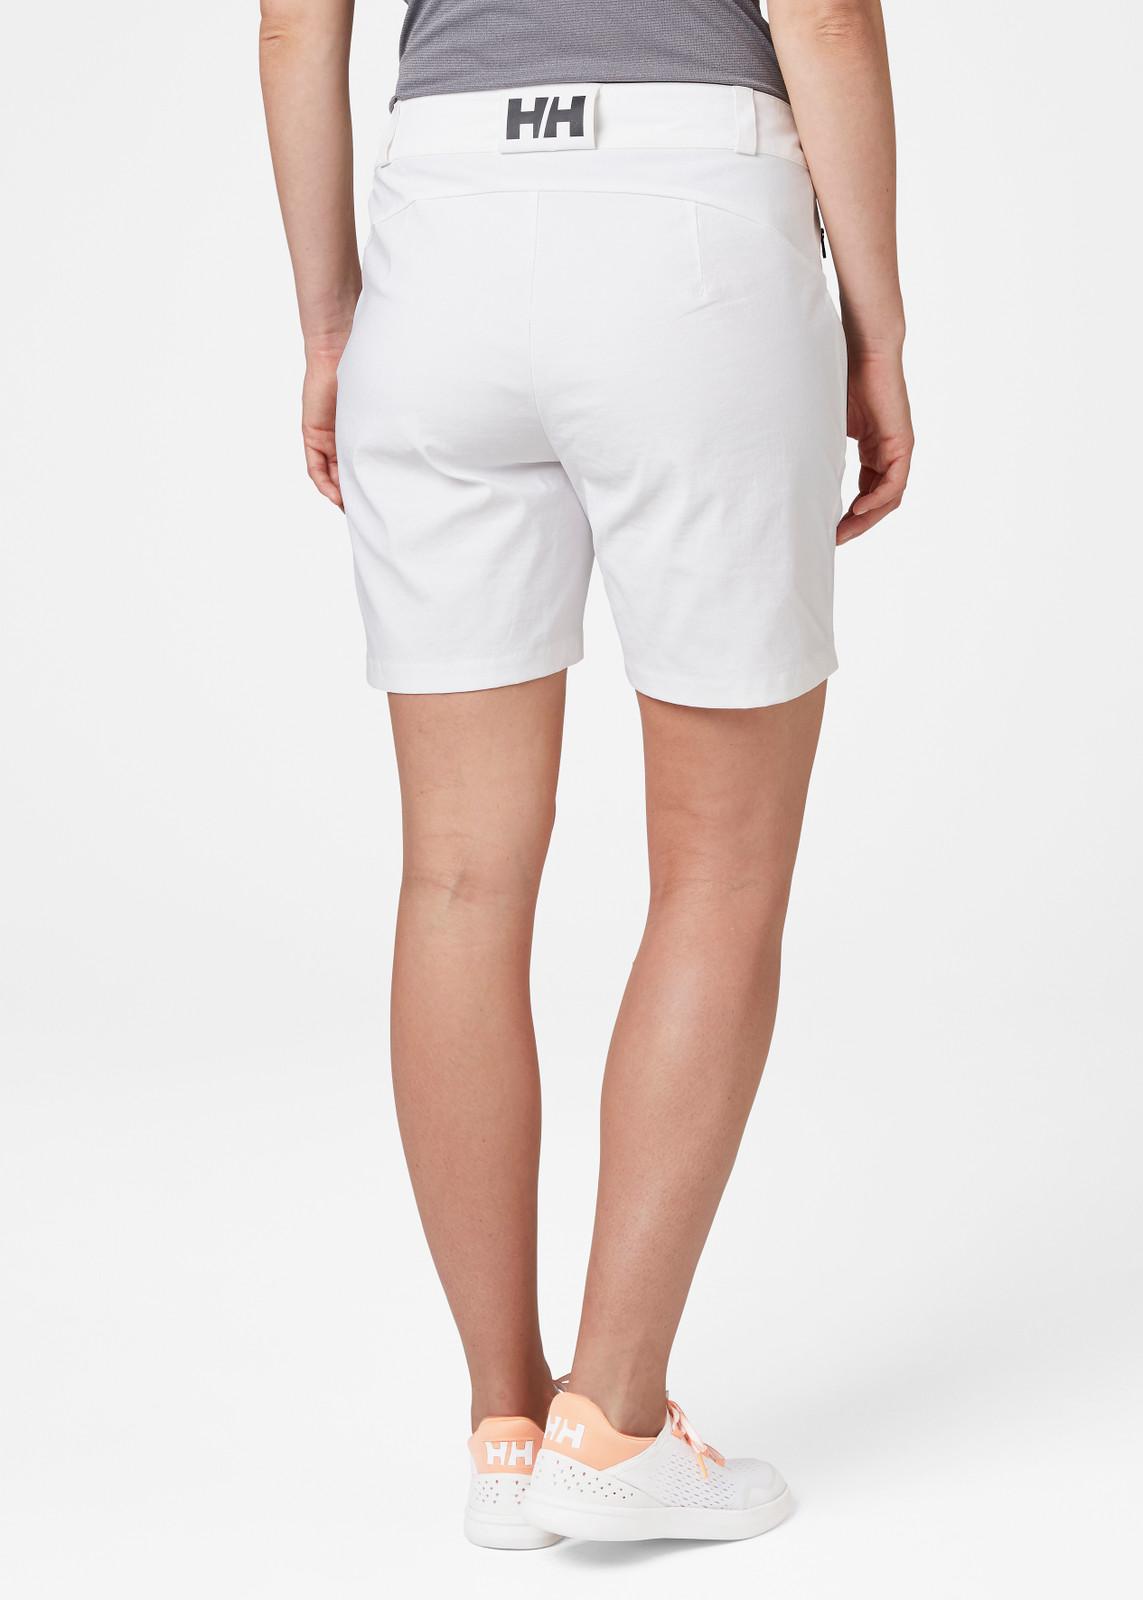 Helly Hansen HP Racing Short, Women's - White, 34028-001 on model back